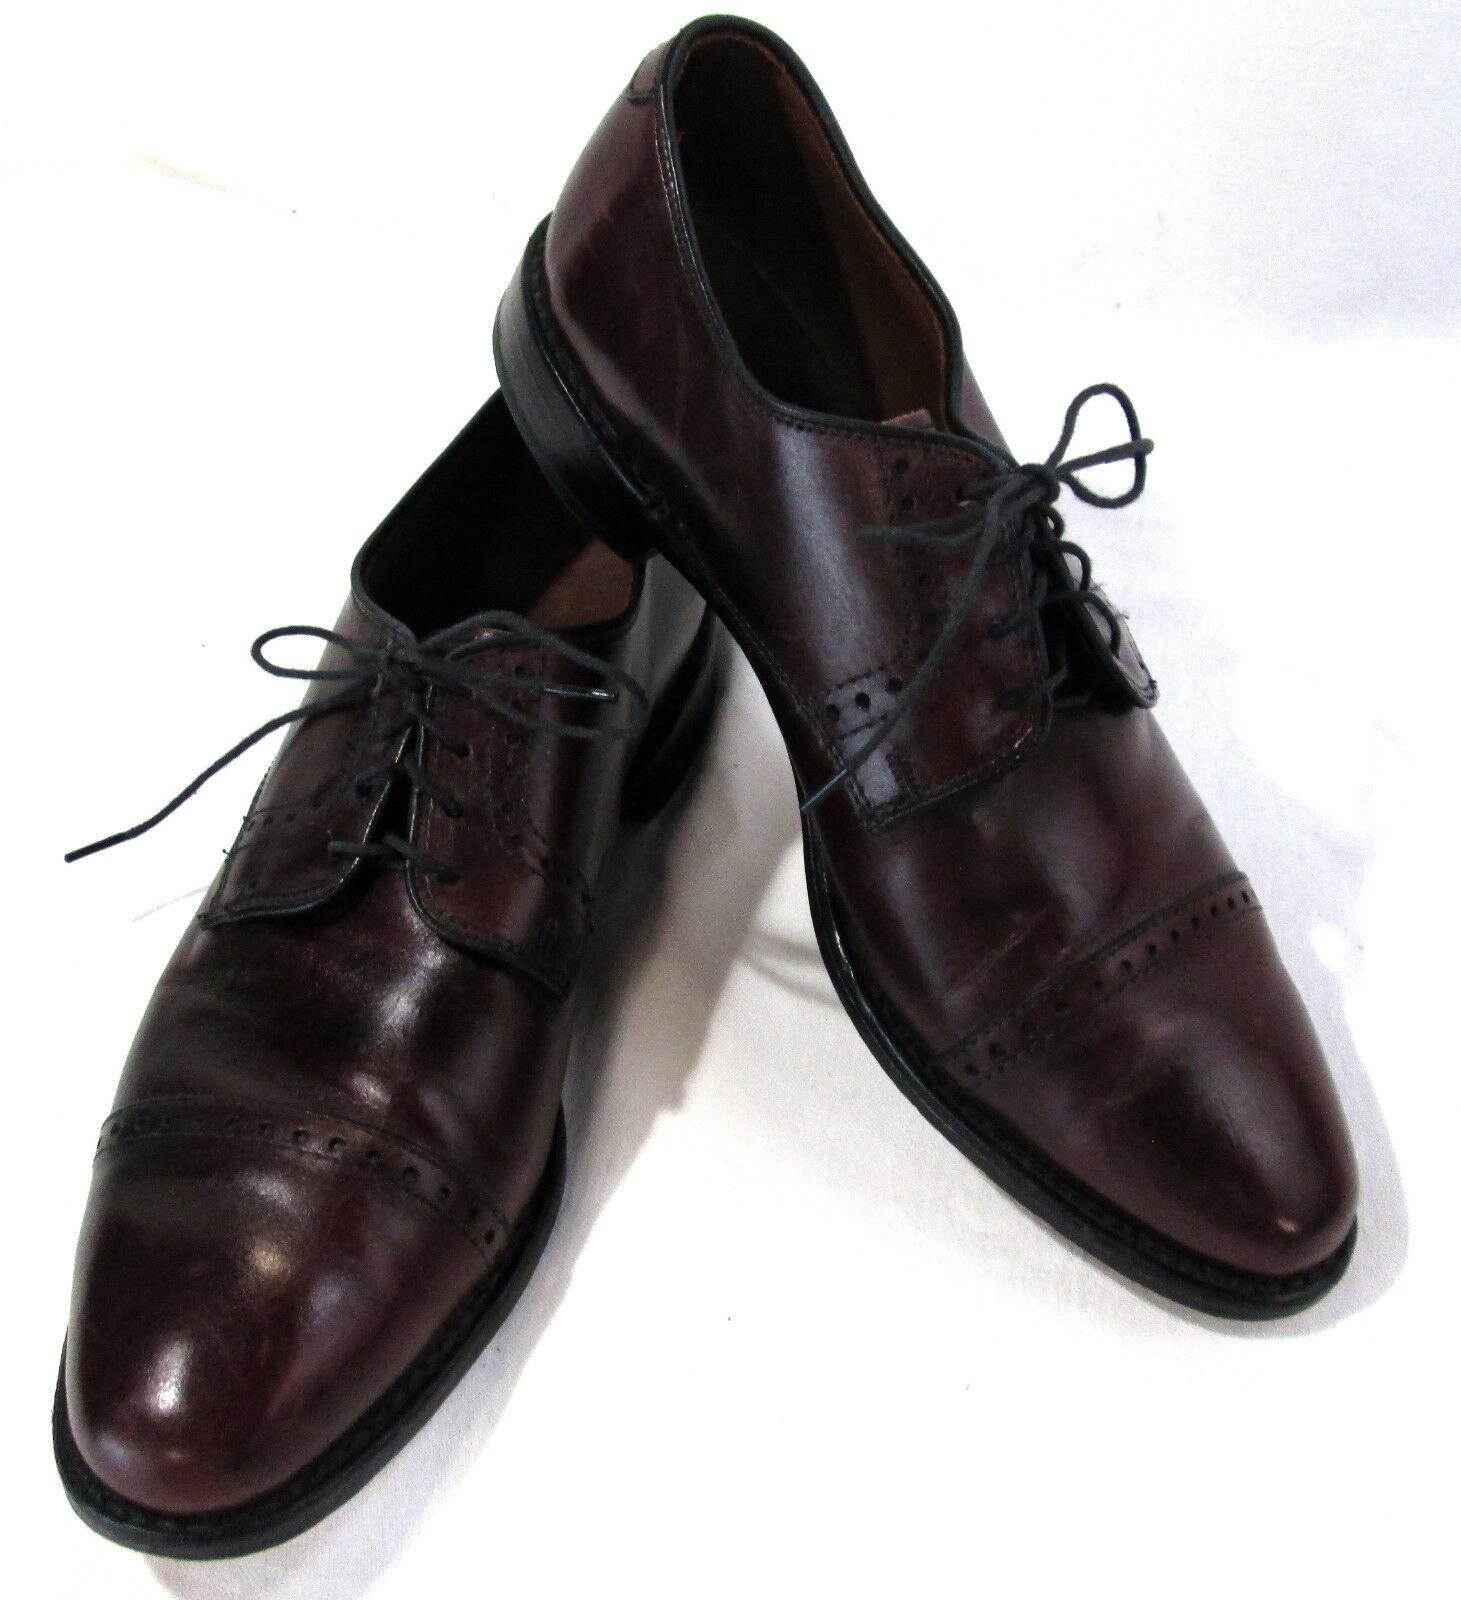 Allen Edmonds Men's Leather Oxford Dress shoes, Cordovan US Size 8, EU Size 41